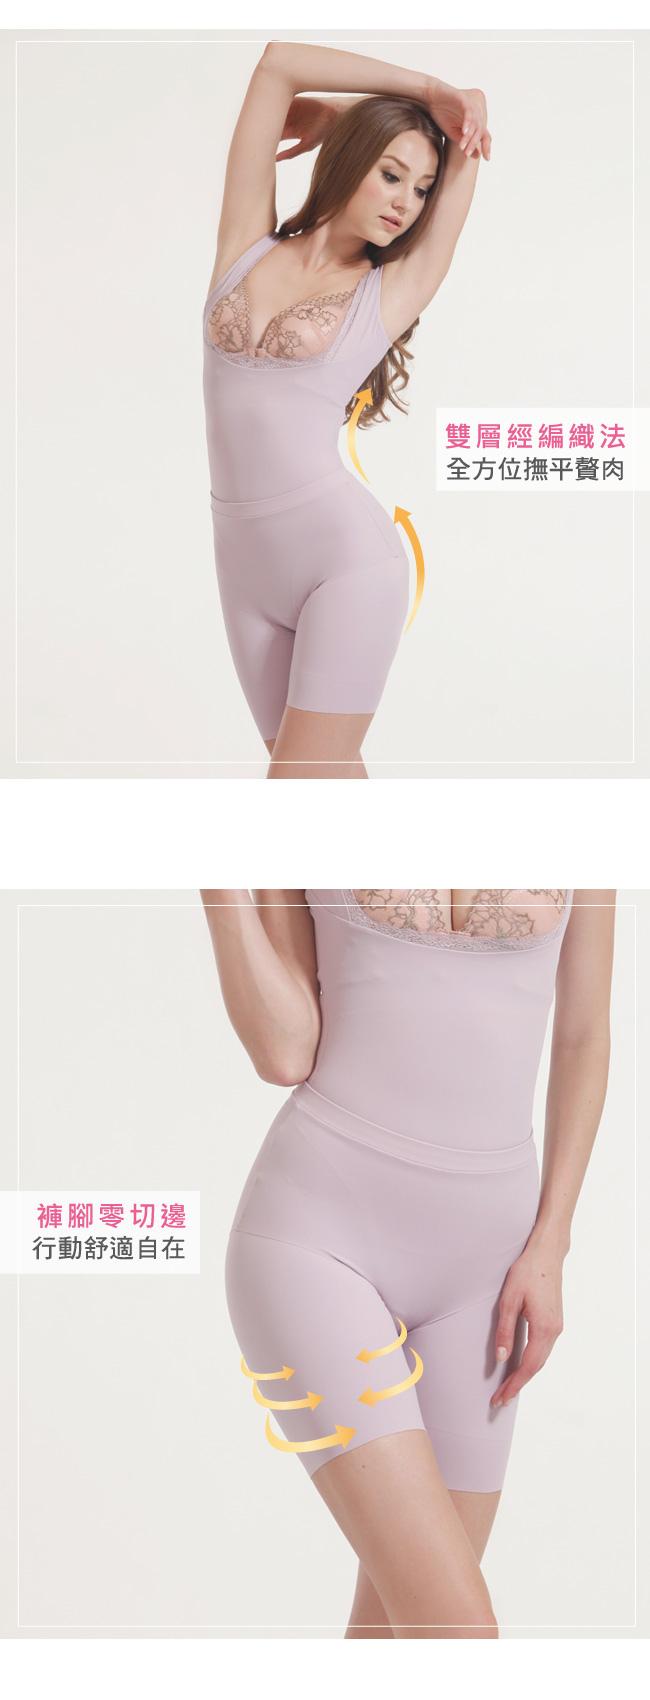 560D絲質塑身衣